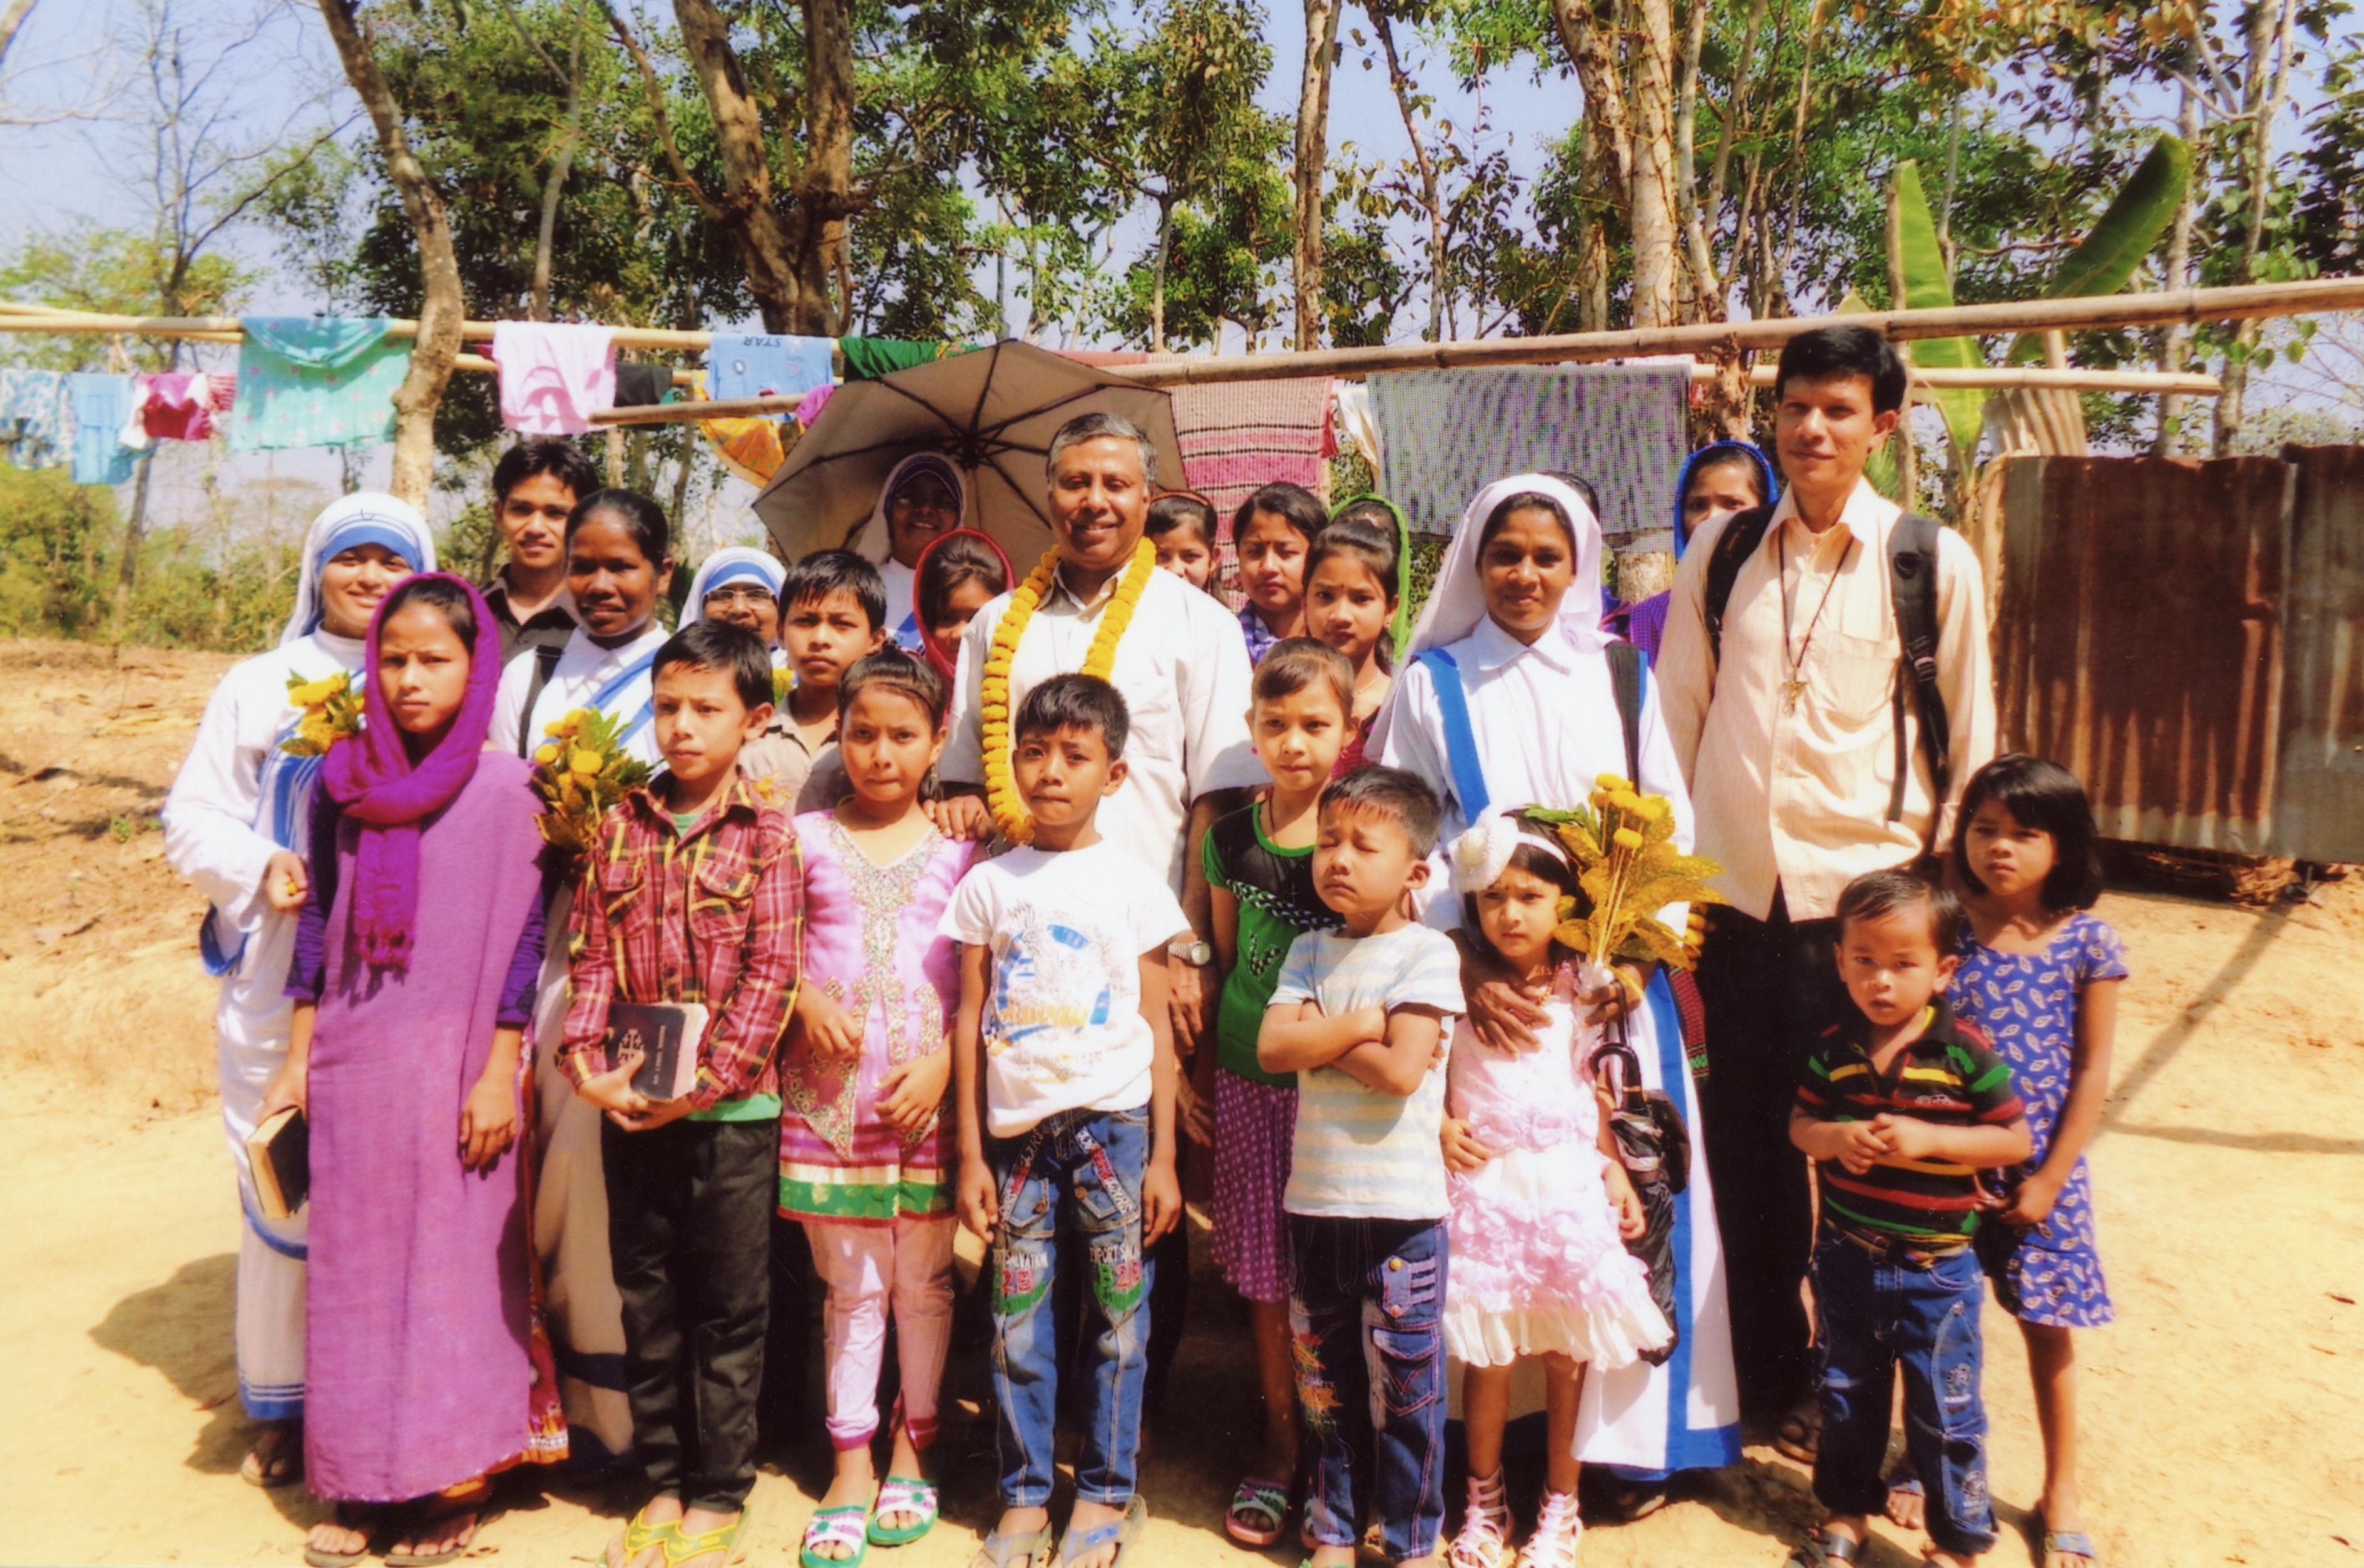 El obispo de Sylhet, al norte de Bangladesh, realiza su misión entre pobres, grupos tribales y musulmanes